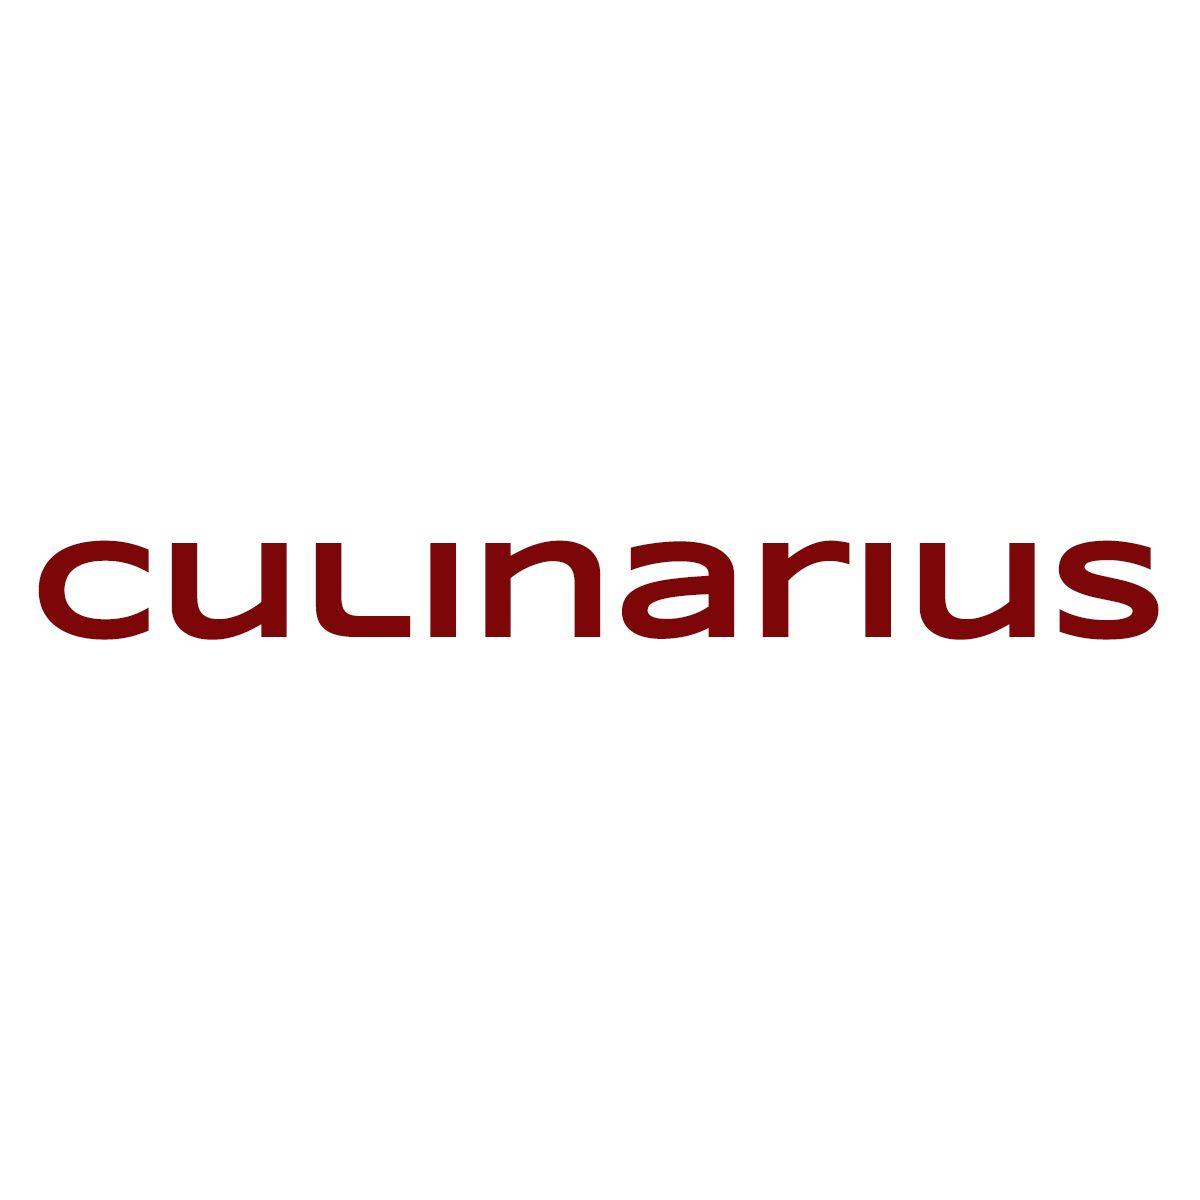 Culinarius Beteiligungs und Management GmbH